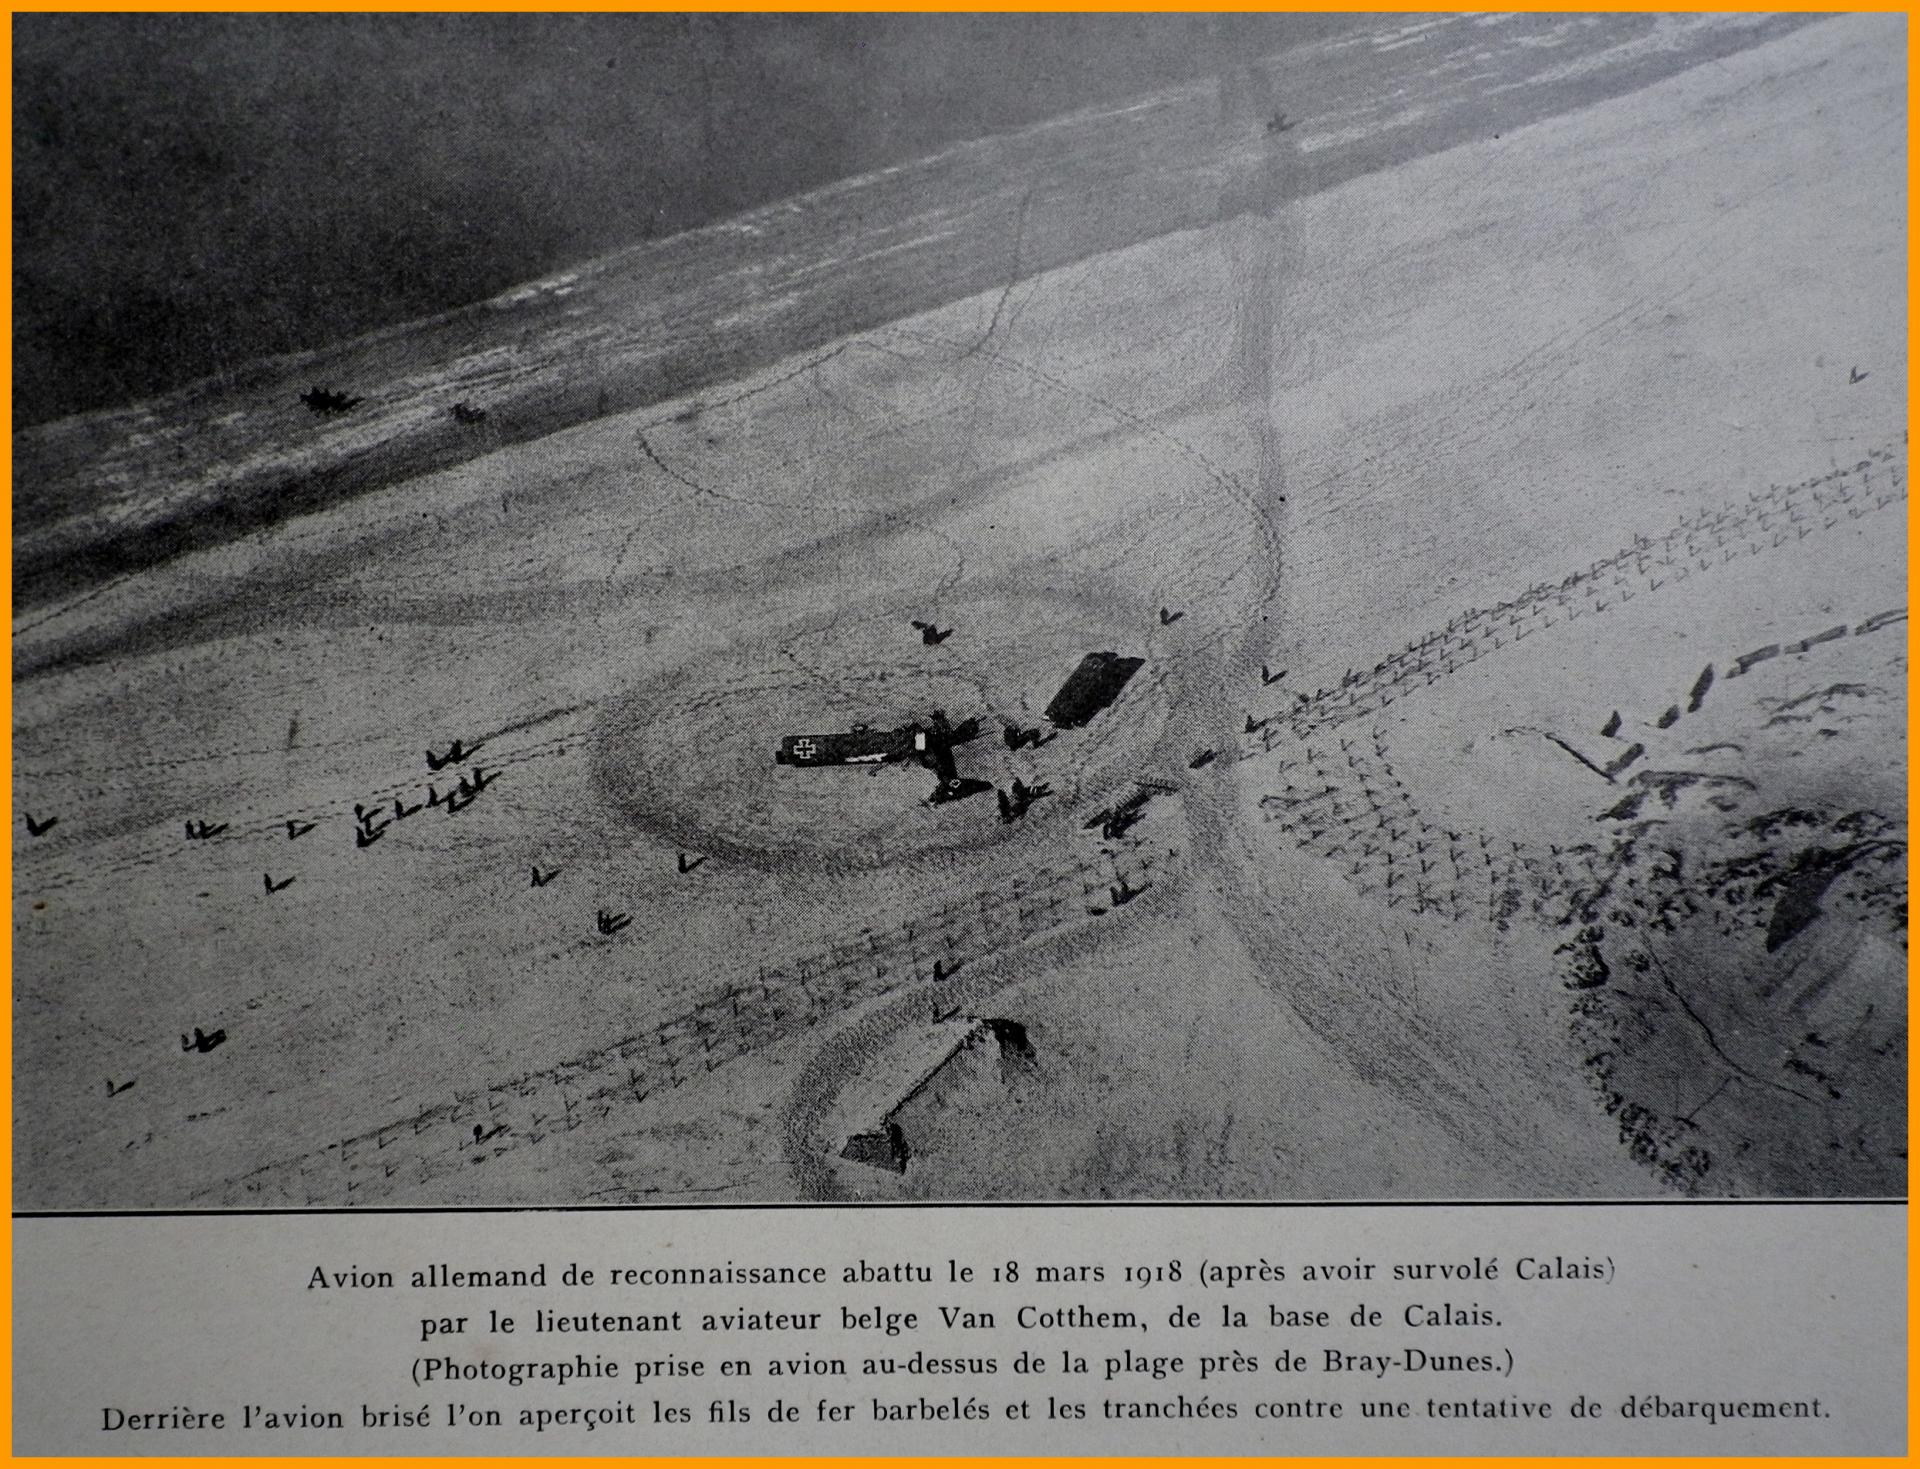 Calais 14 18 avion allemand abattu le 18 mars 1918 apres avoir survole calais photo prise a bray dunes encadre